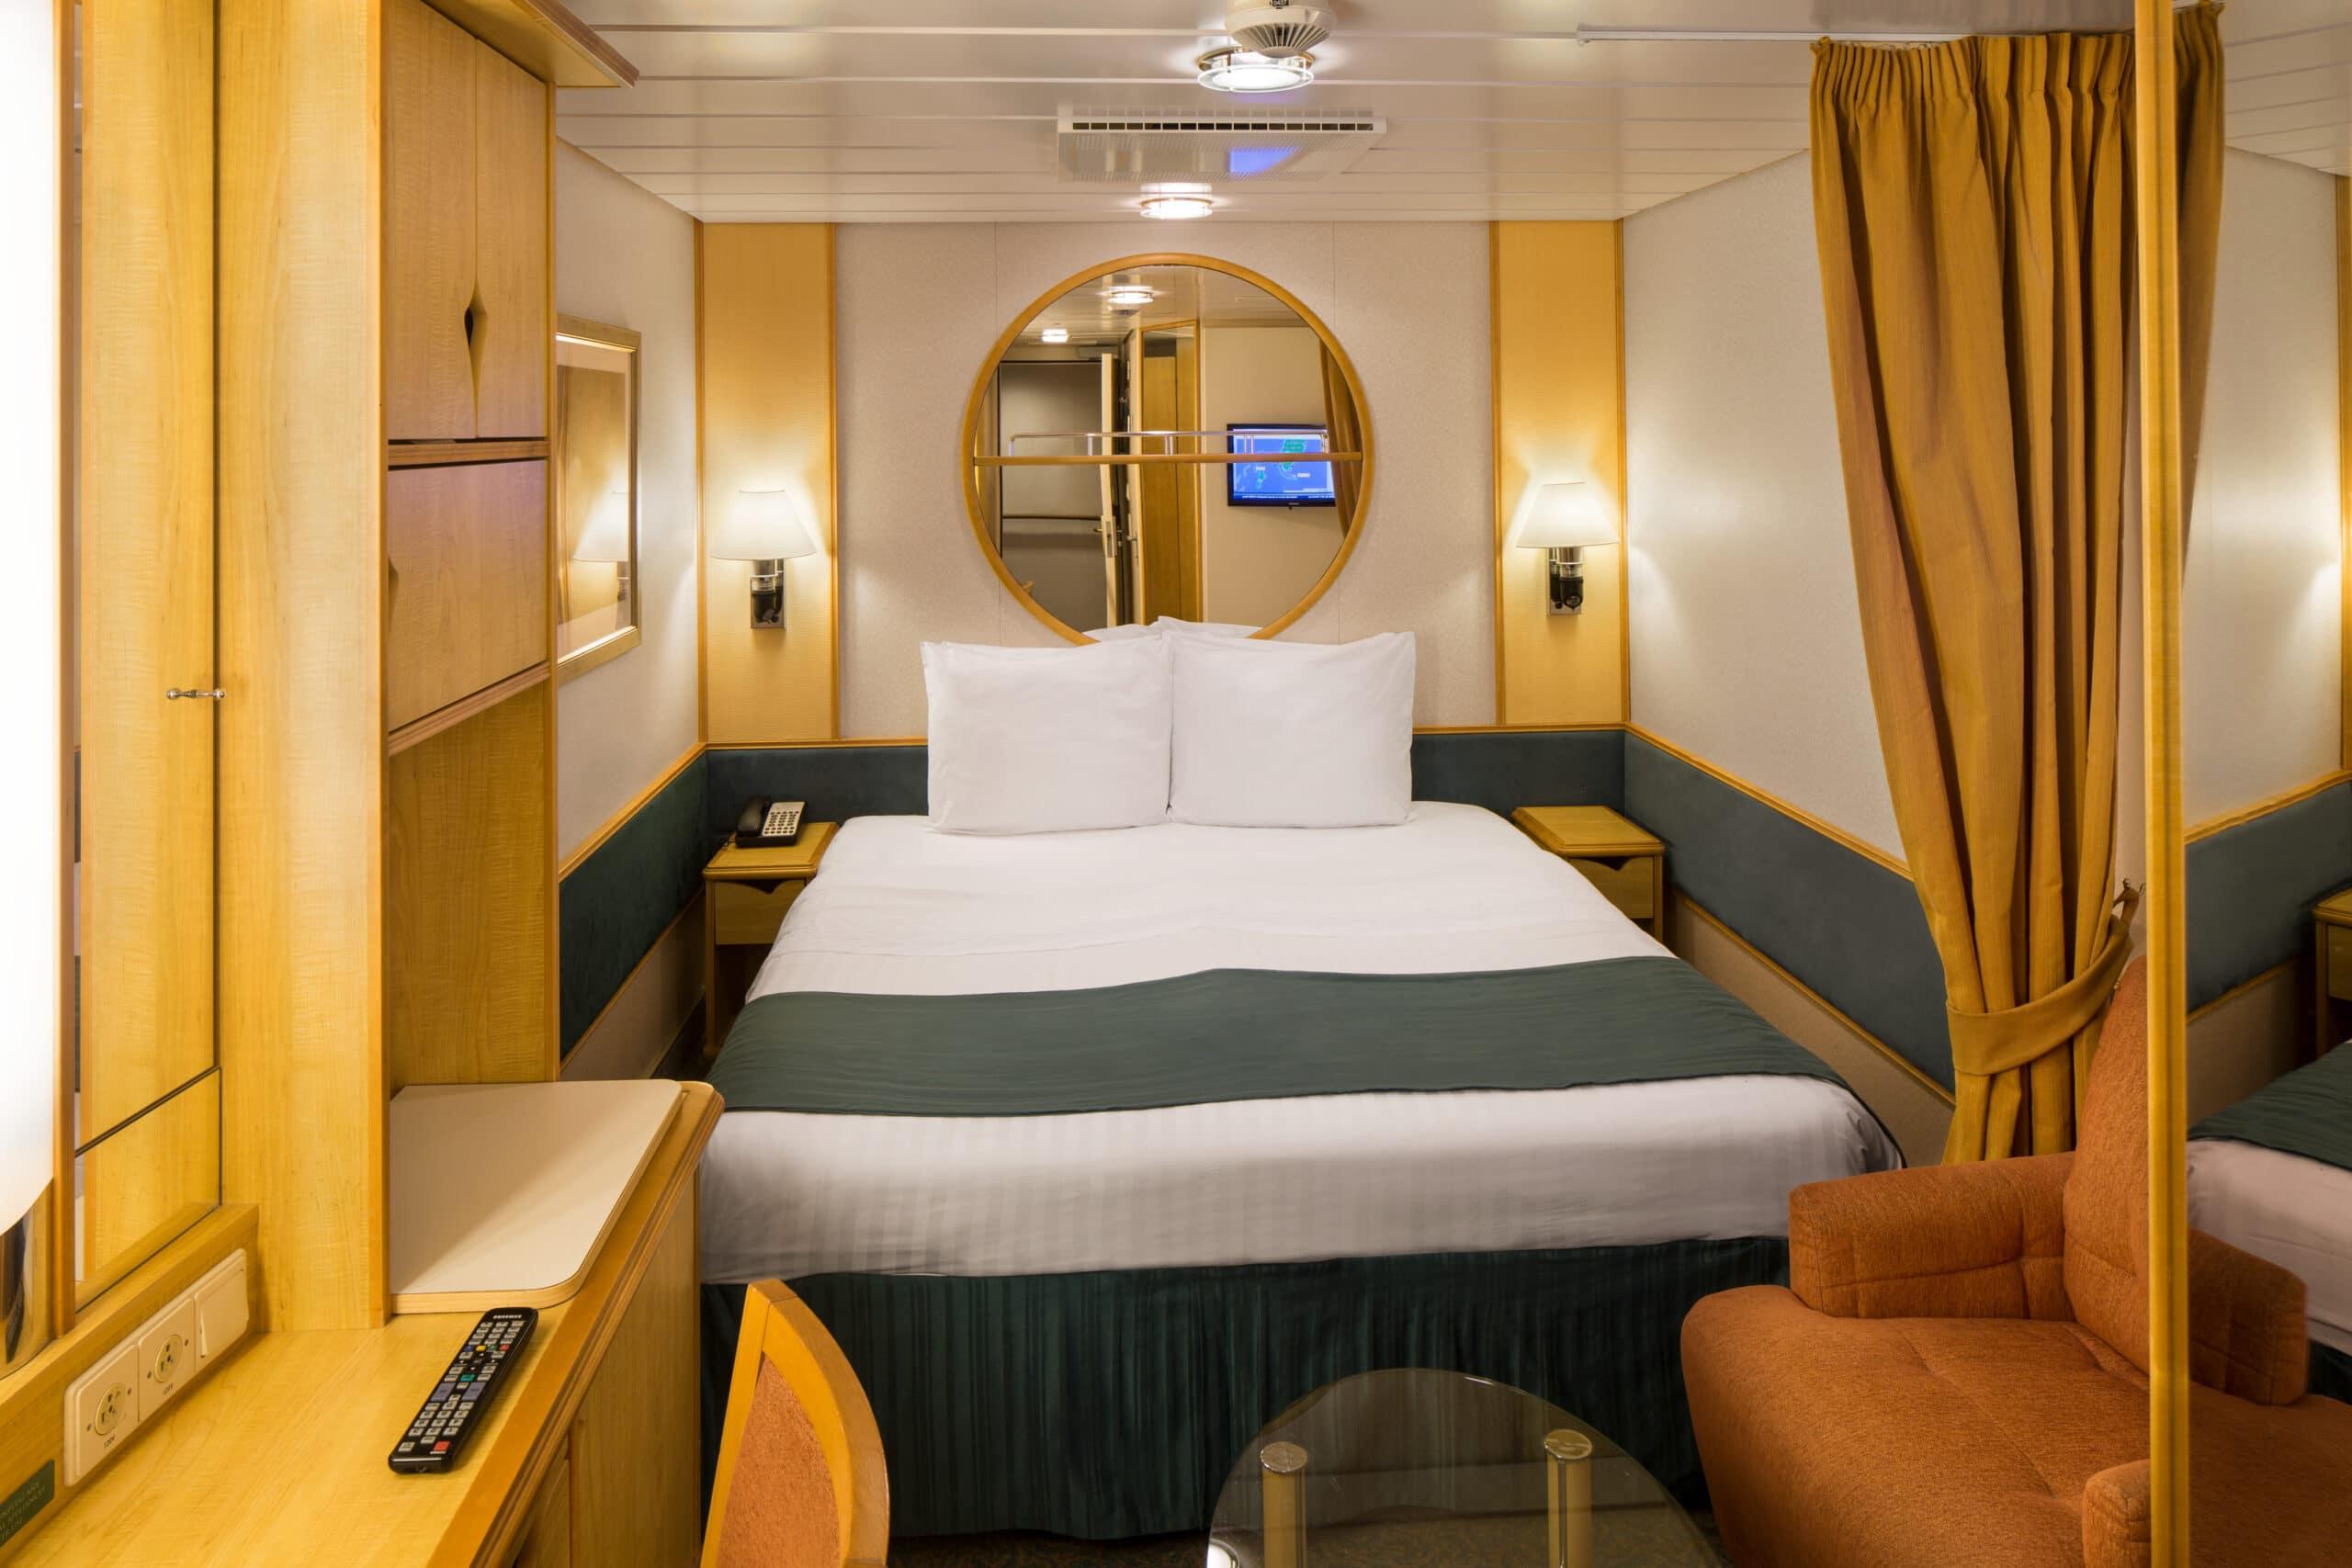 Royal-Caribbean-International-Vision-of-the-Seas-schip-cruiseschip-categorie-1V-2V-3V-4V-binnenhut